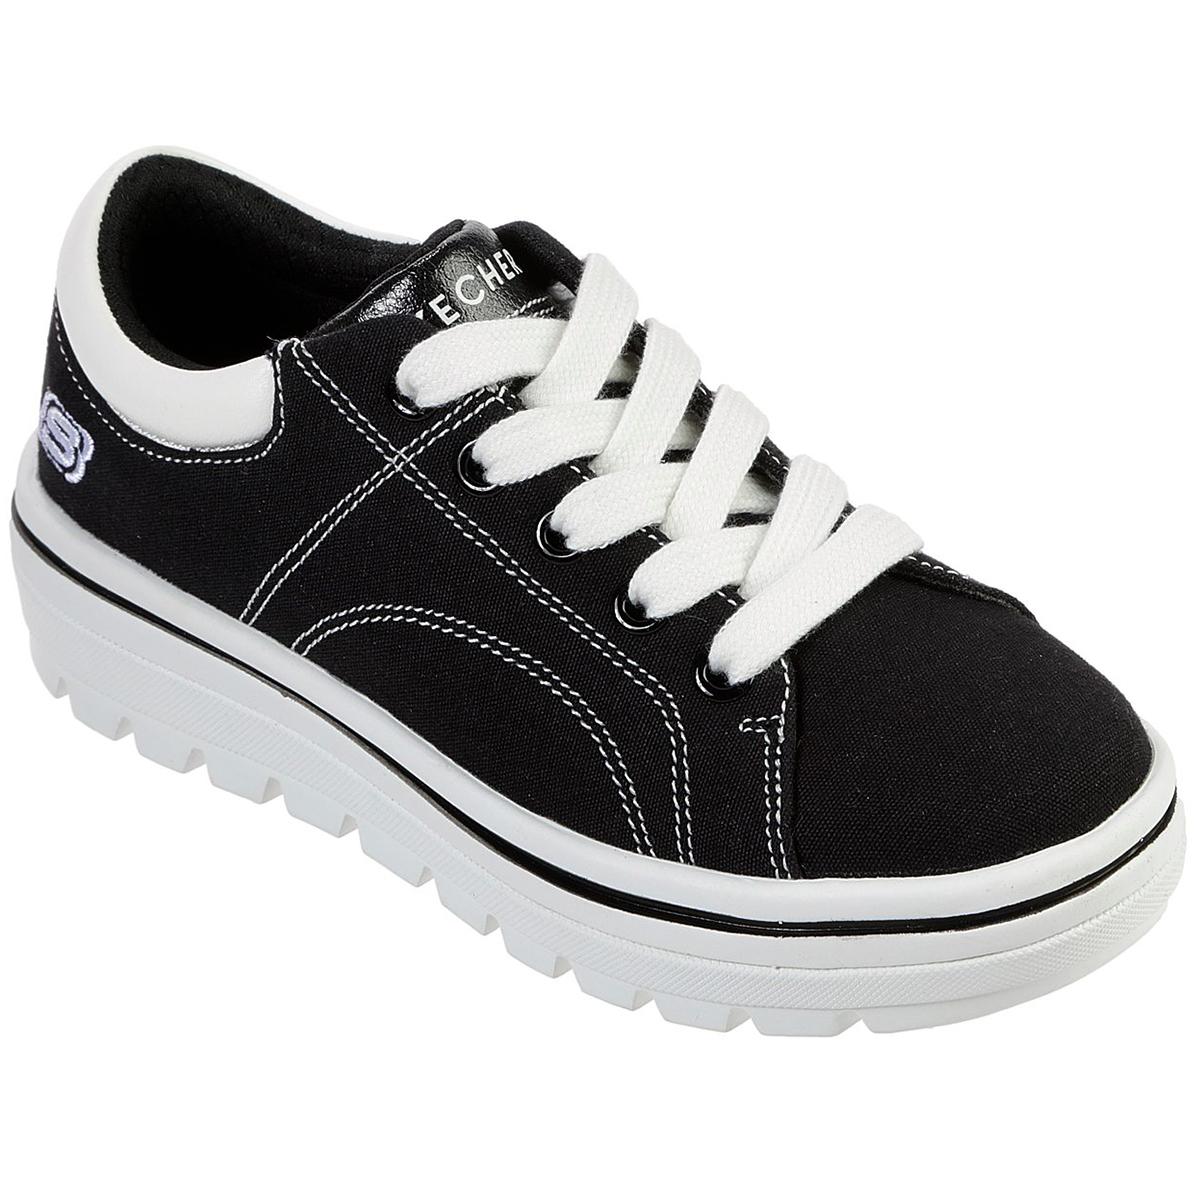 Skechers Girls' Street Cleats 2 Sneaker - Black, 13